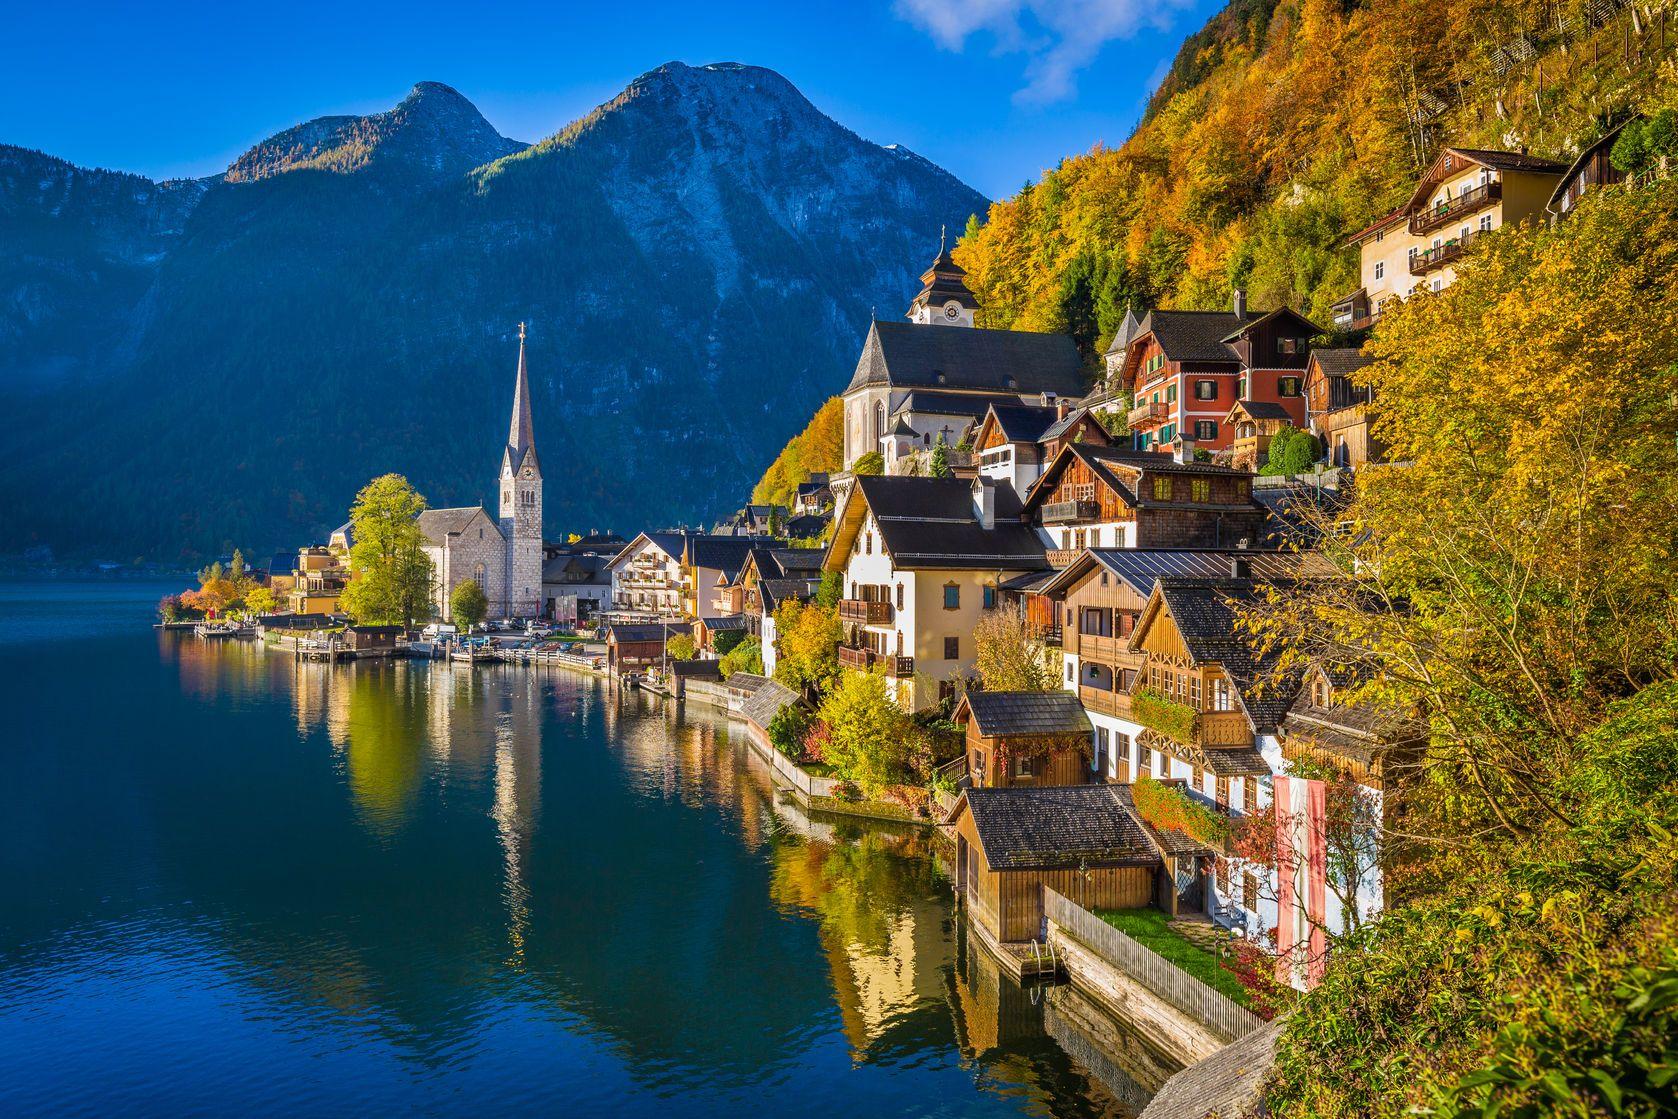 Rakouské město Hallstatt během podzimu | jakobradlgruber/123RF.com